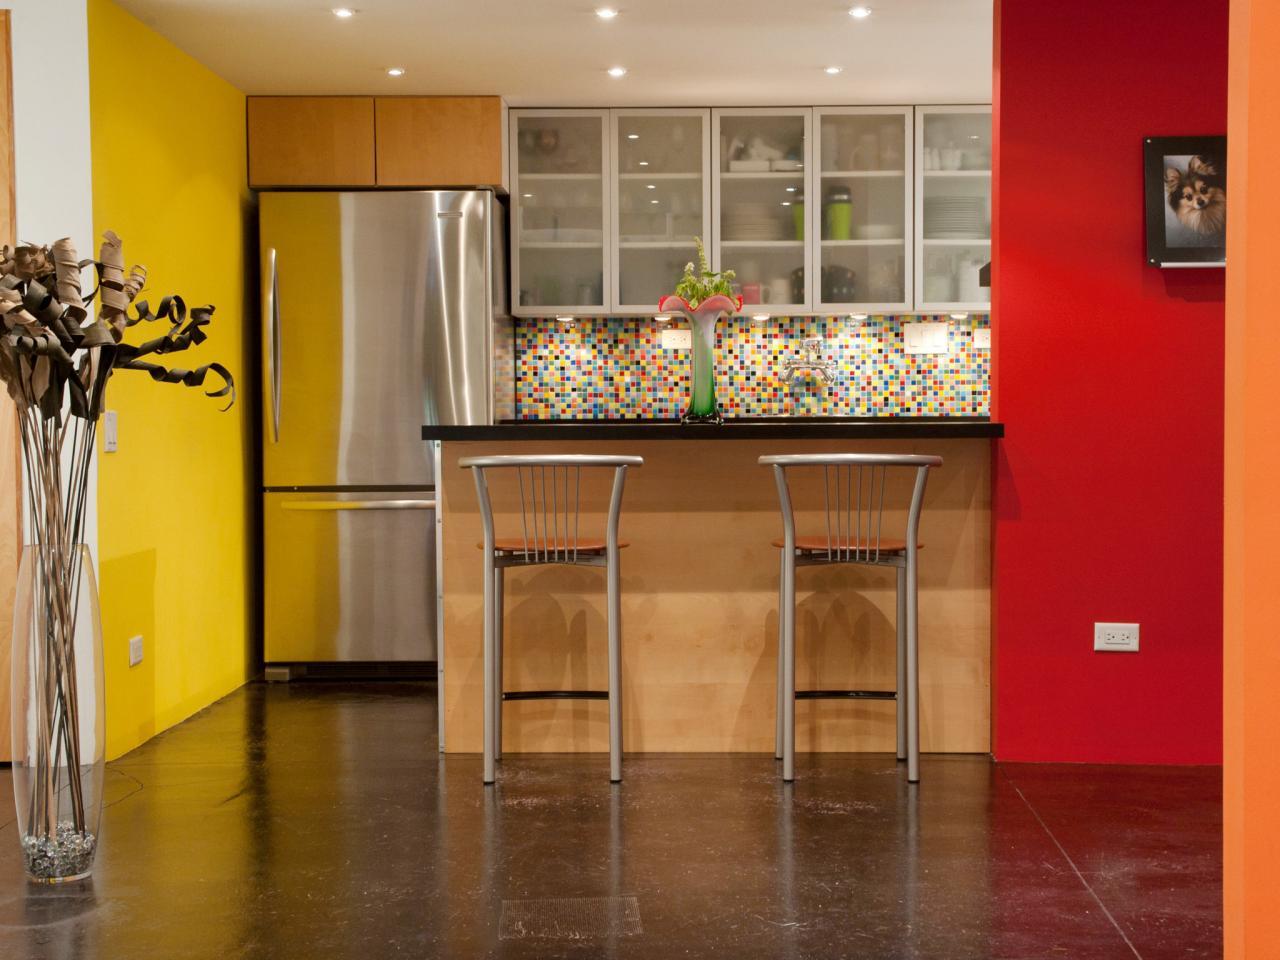 10-ways-to-remodel-your-kitchen-under-20006